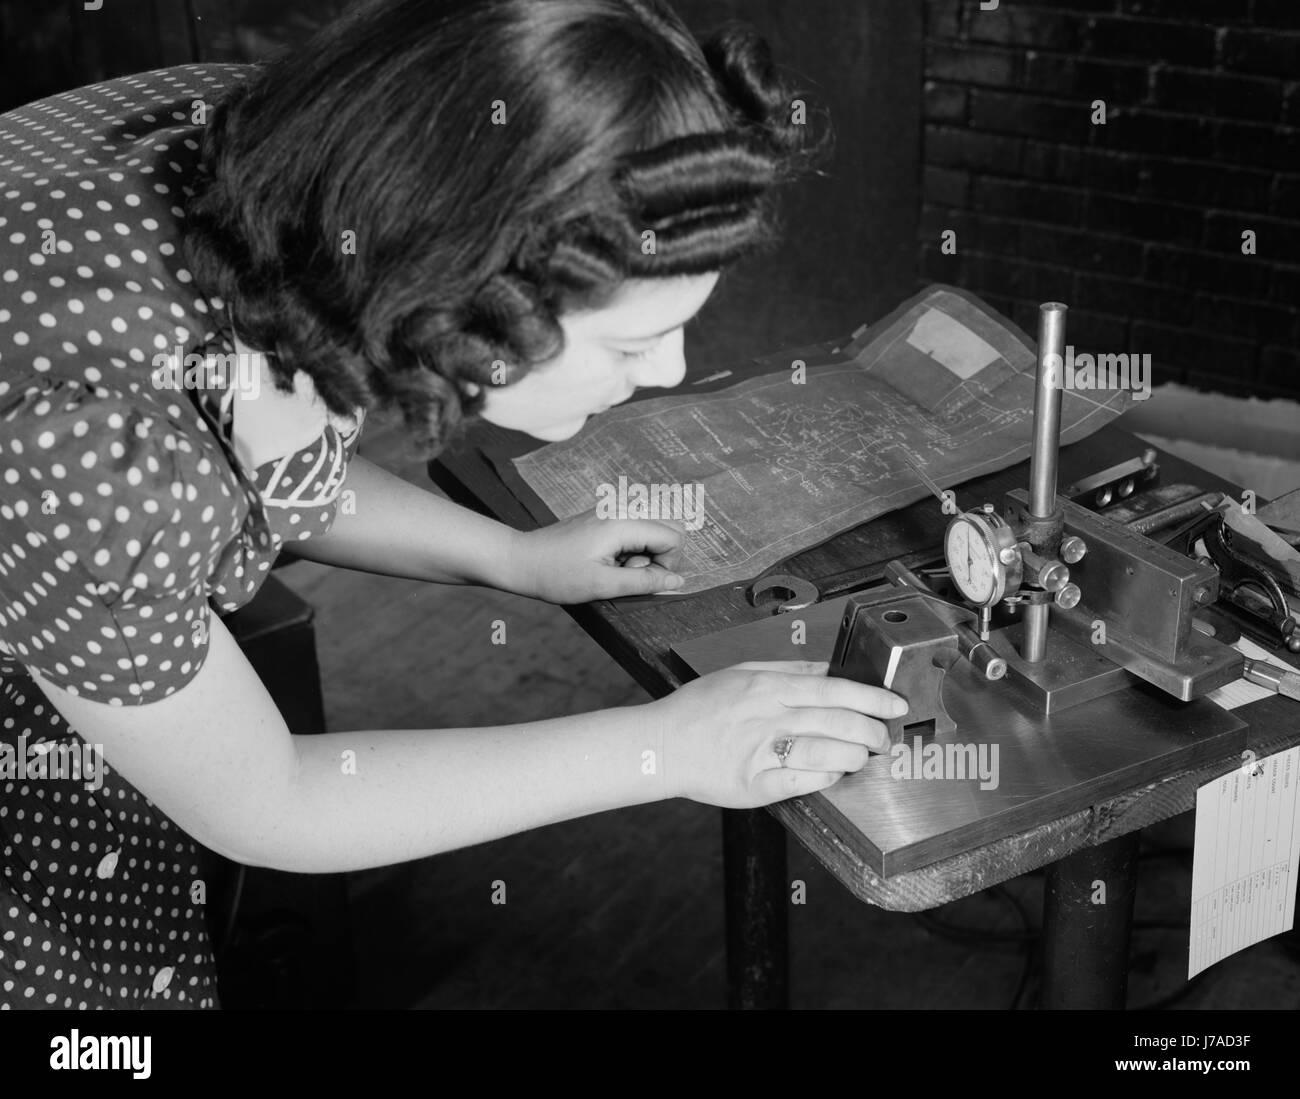 Frau Fabrik Arbeiter Überprüfungen durchgeführt Prismen mit Blaupause Spezifikation, 1942. Stockbild